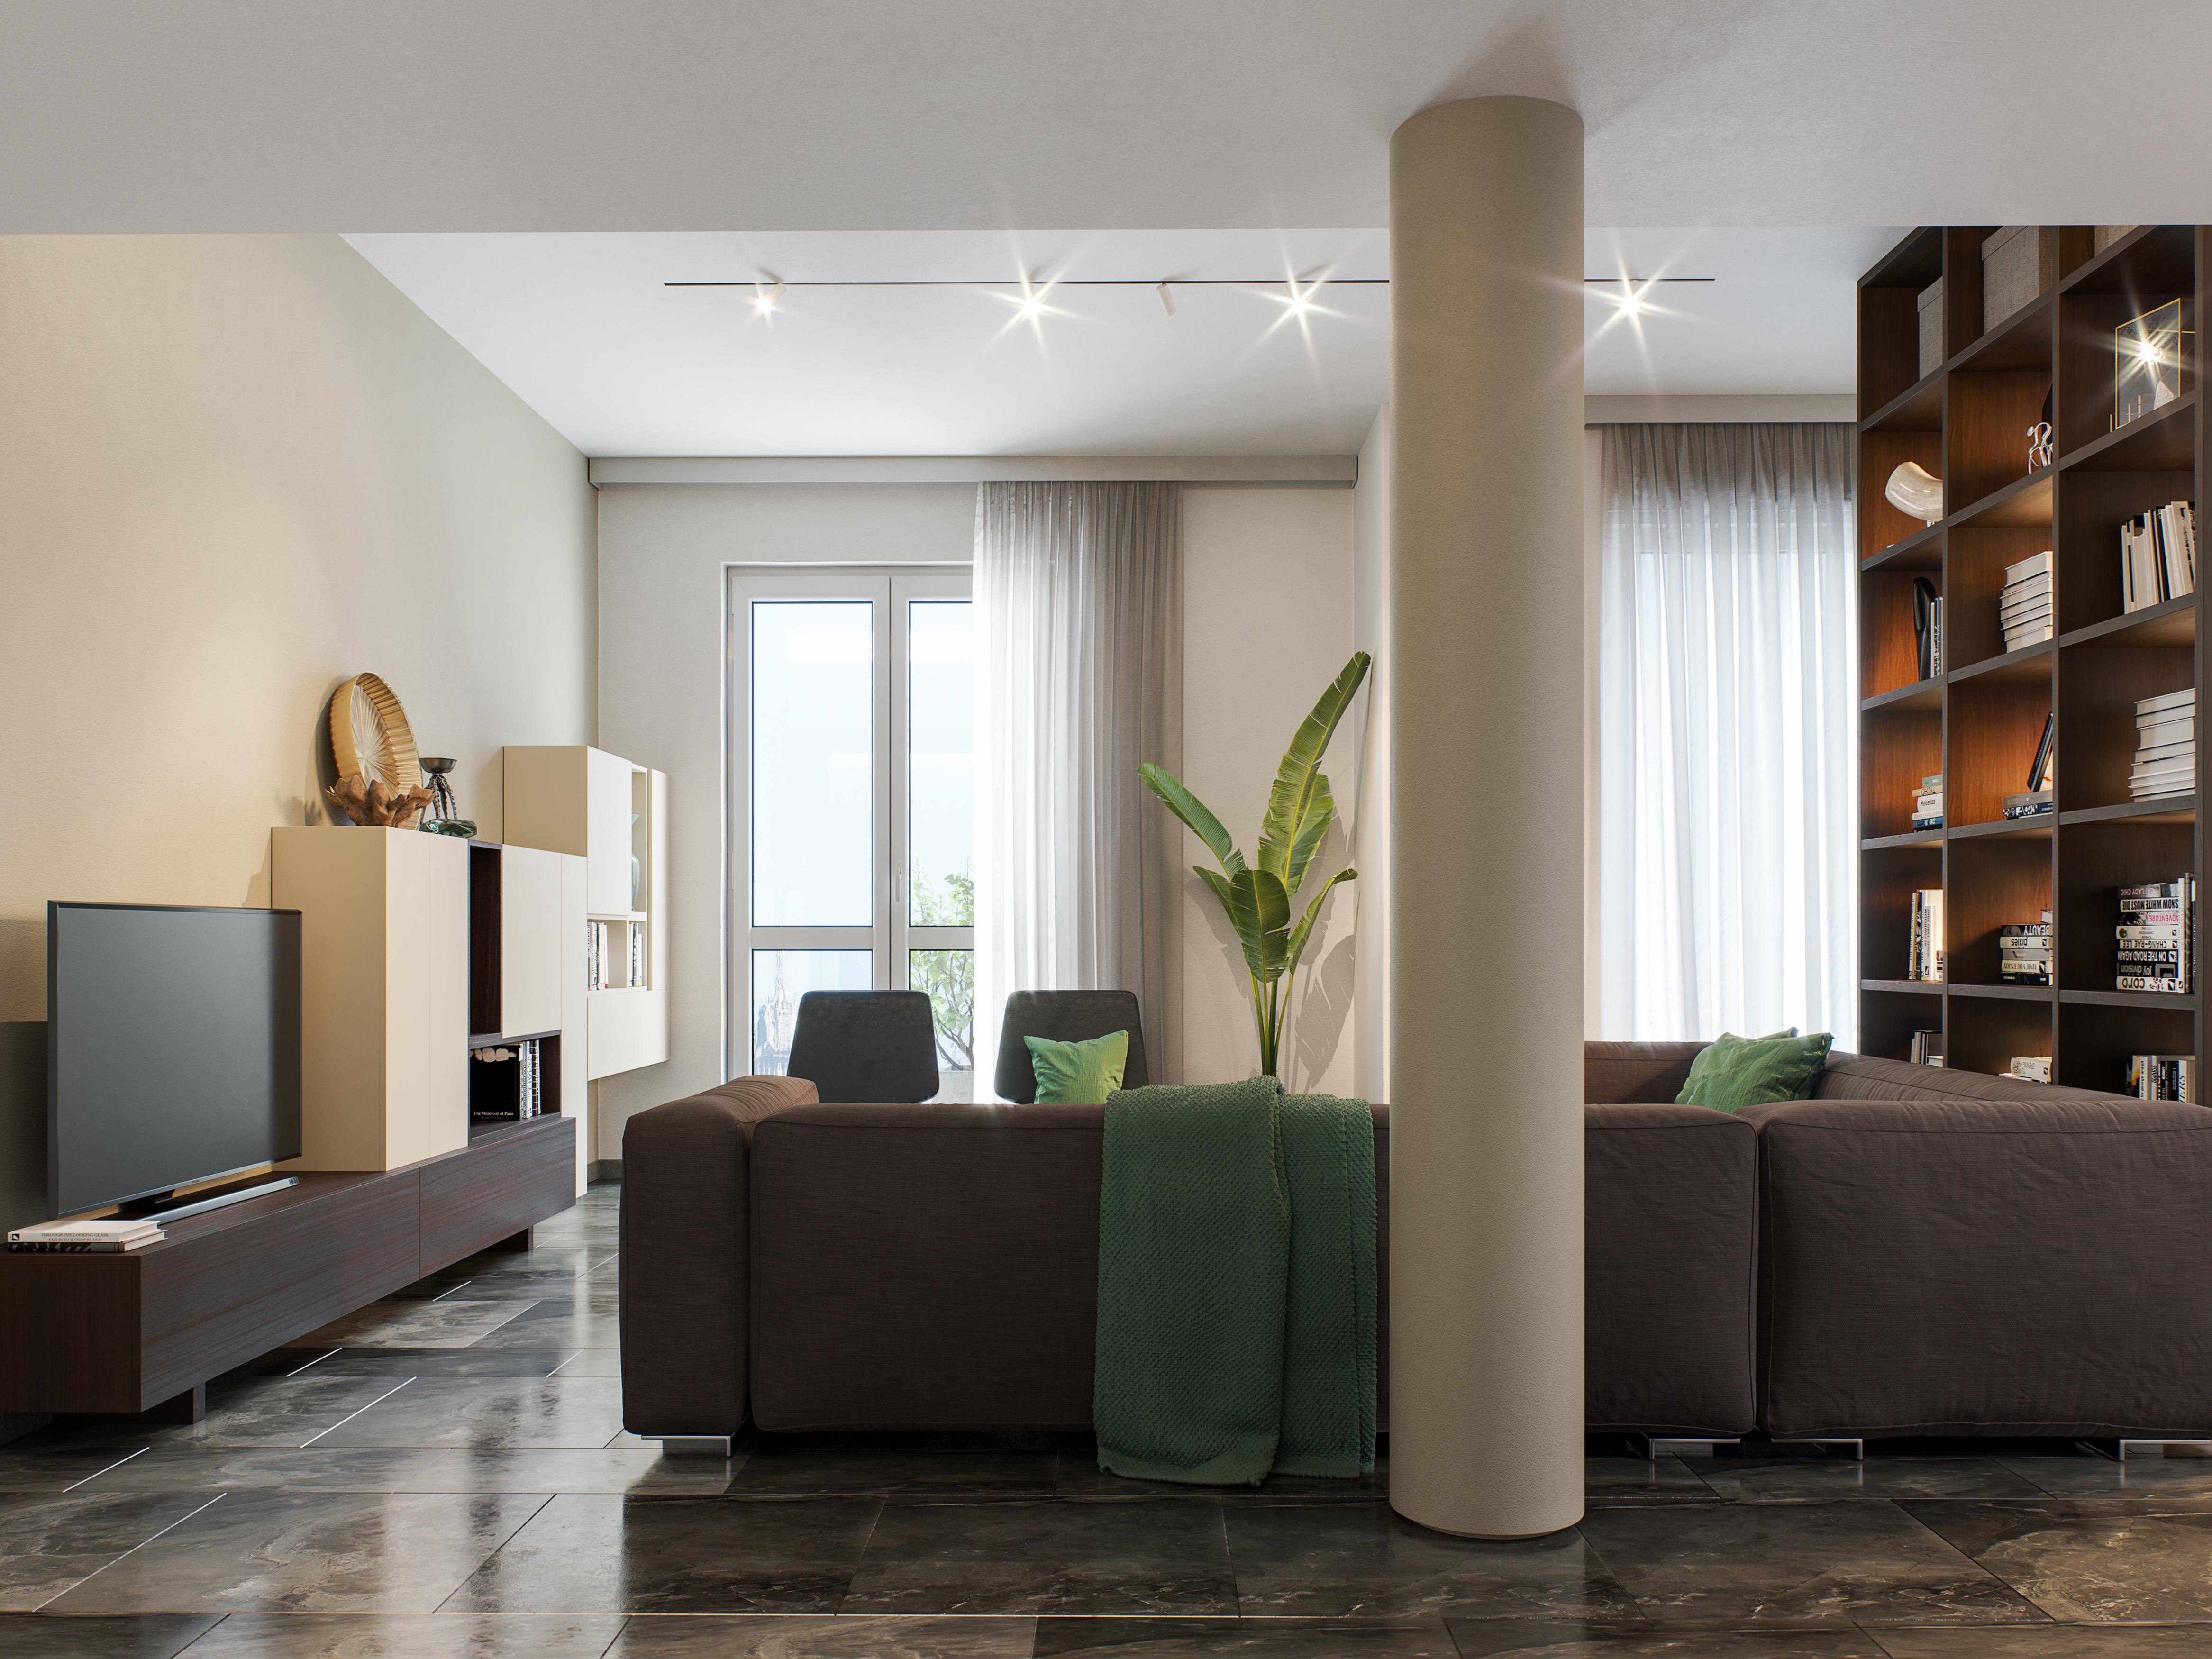 Progetto Sant'Ambrogio, vista del soggiorno / Mcd